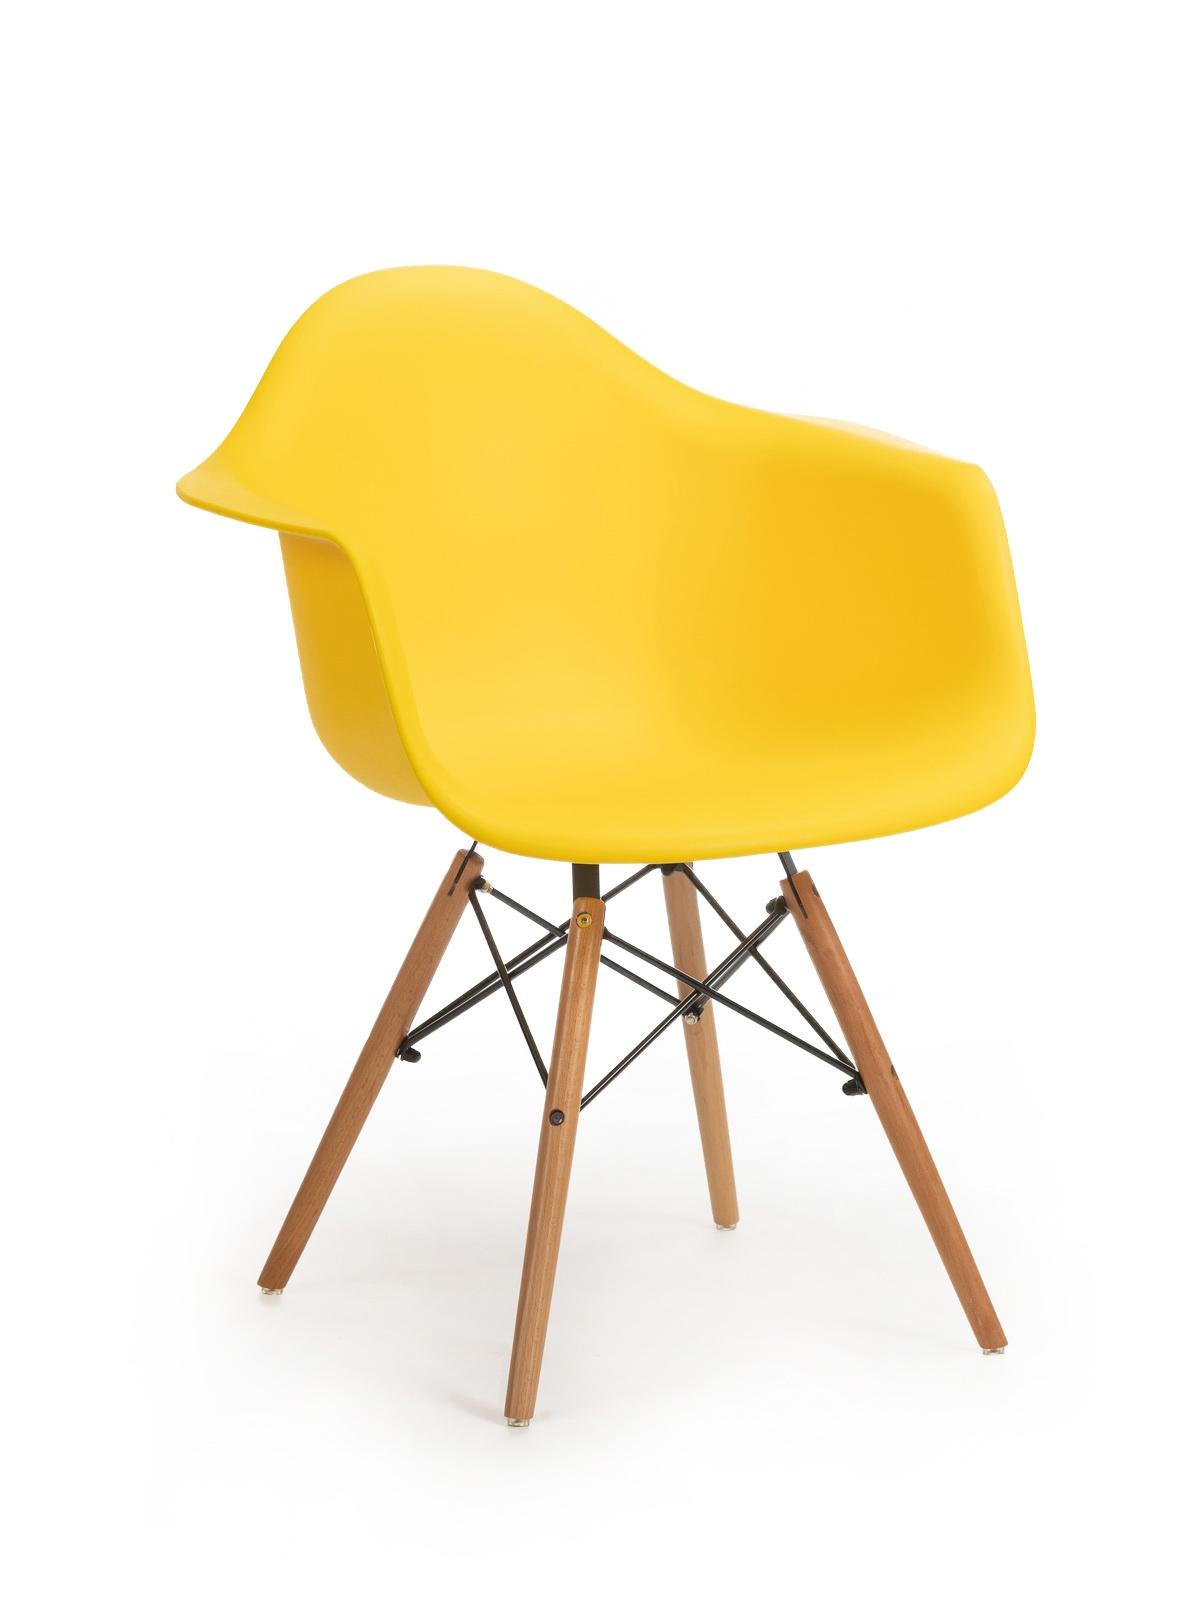 Scaun din plastic cu picioare de lemn Echo Yellow, l64xA60xH81 cm imagine